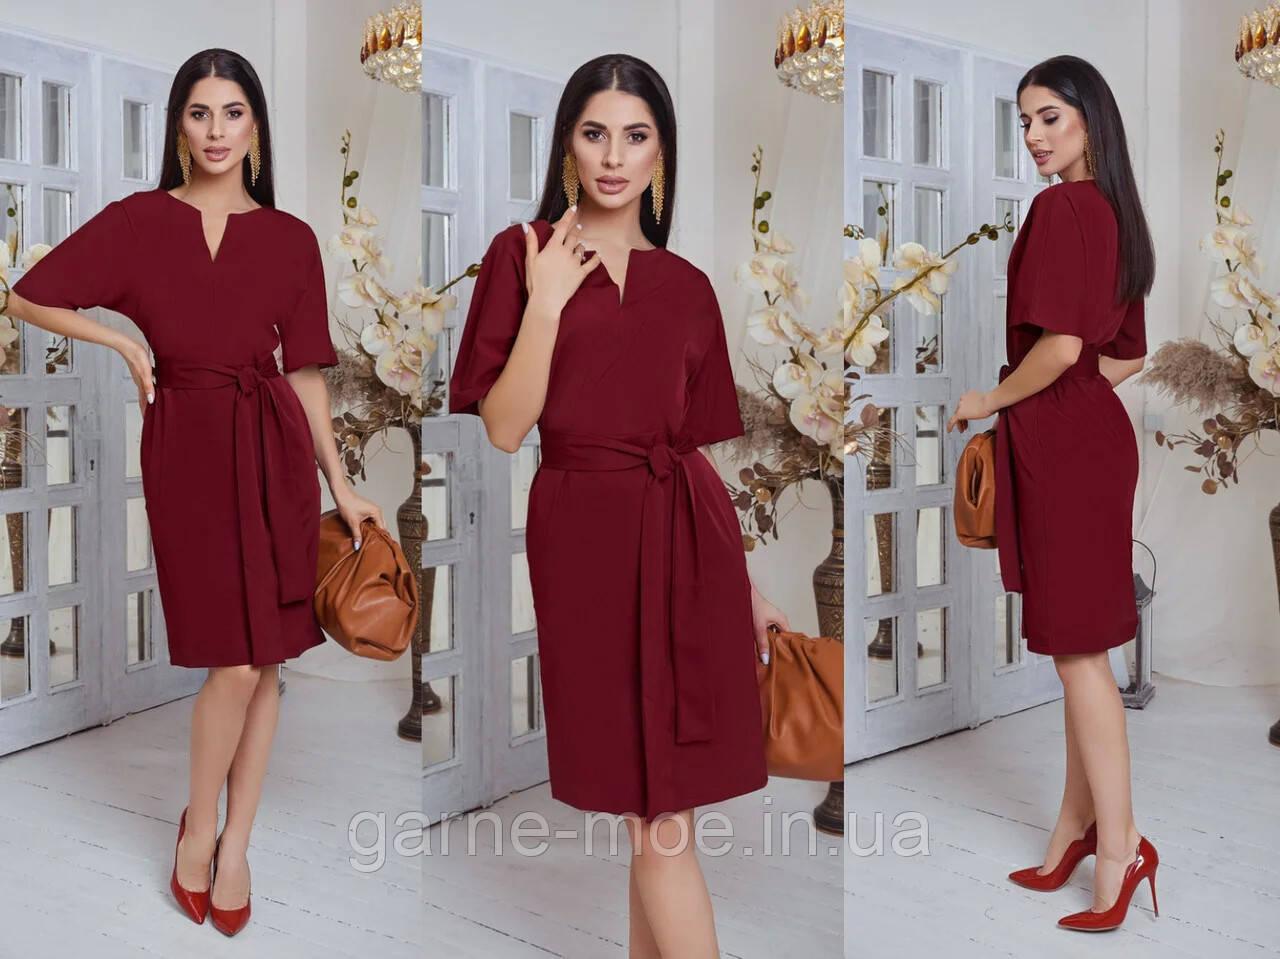 Ш5508 Повседневное женское платье